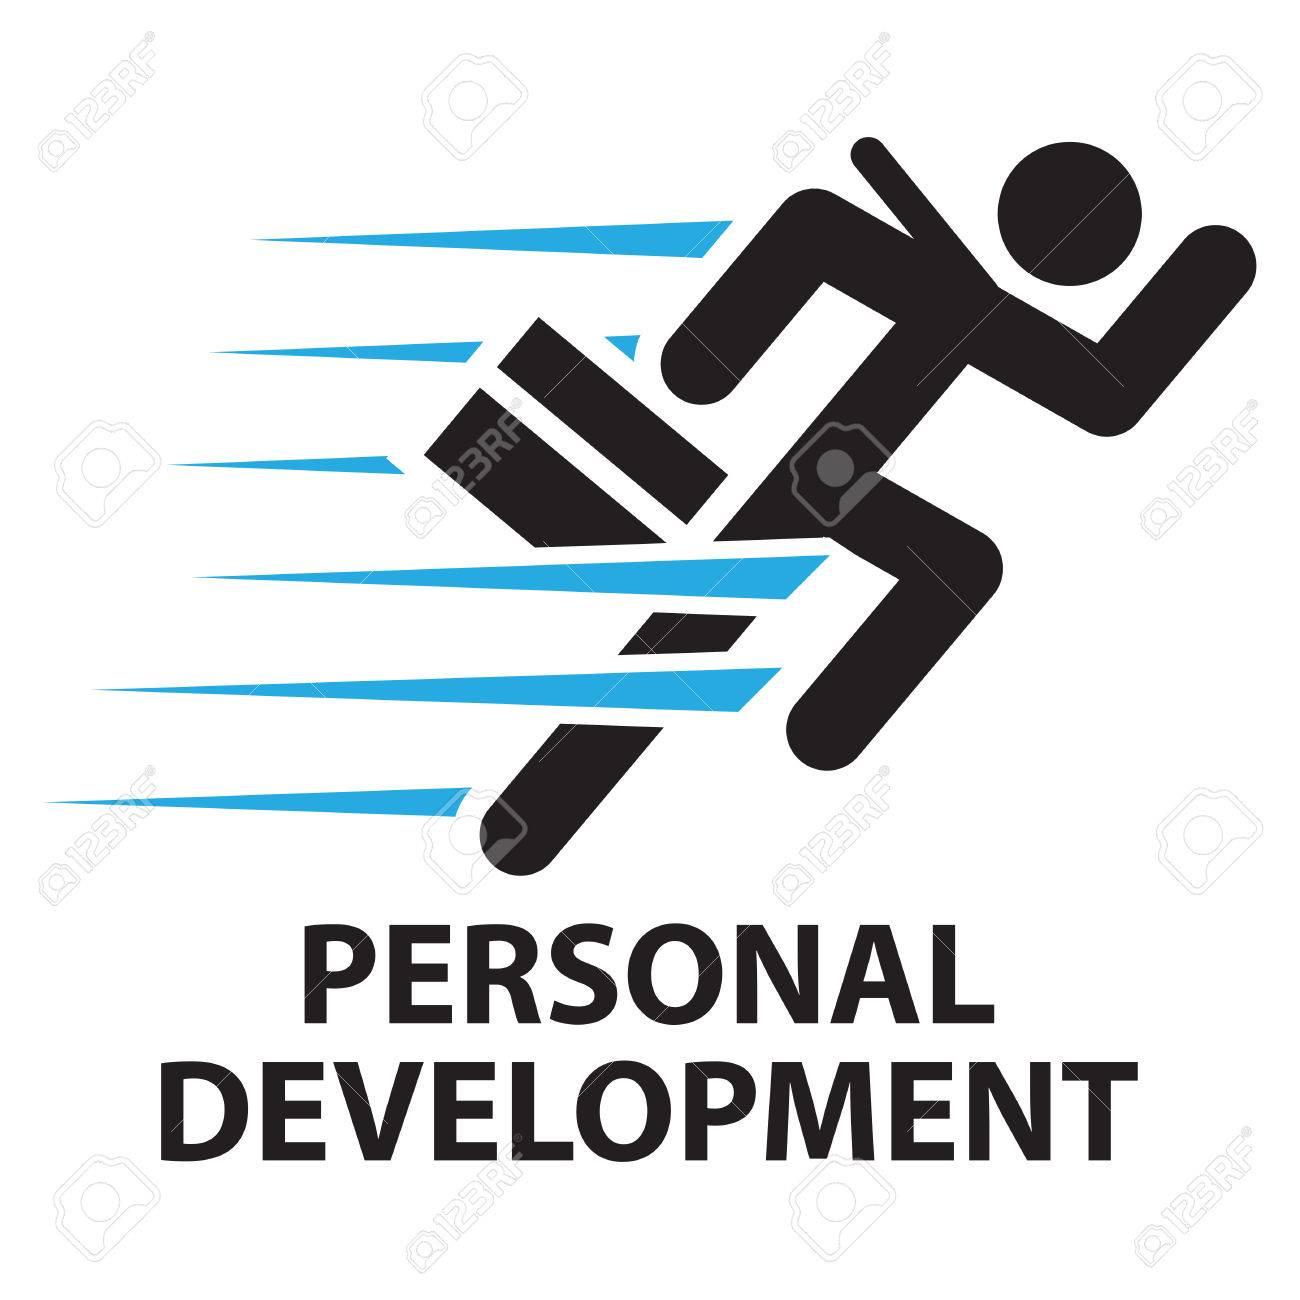 Desarrollo Personal, Icono Y Símbolo Ilustraciones Vectoriales, Clip ...